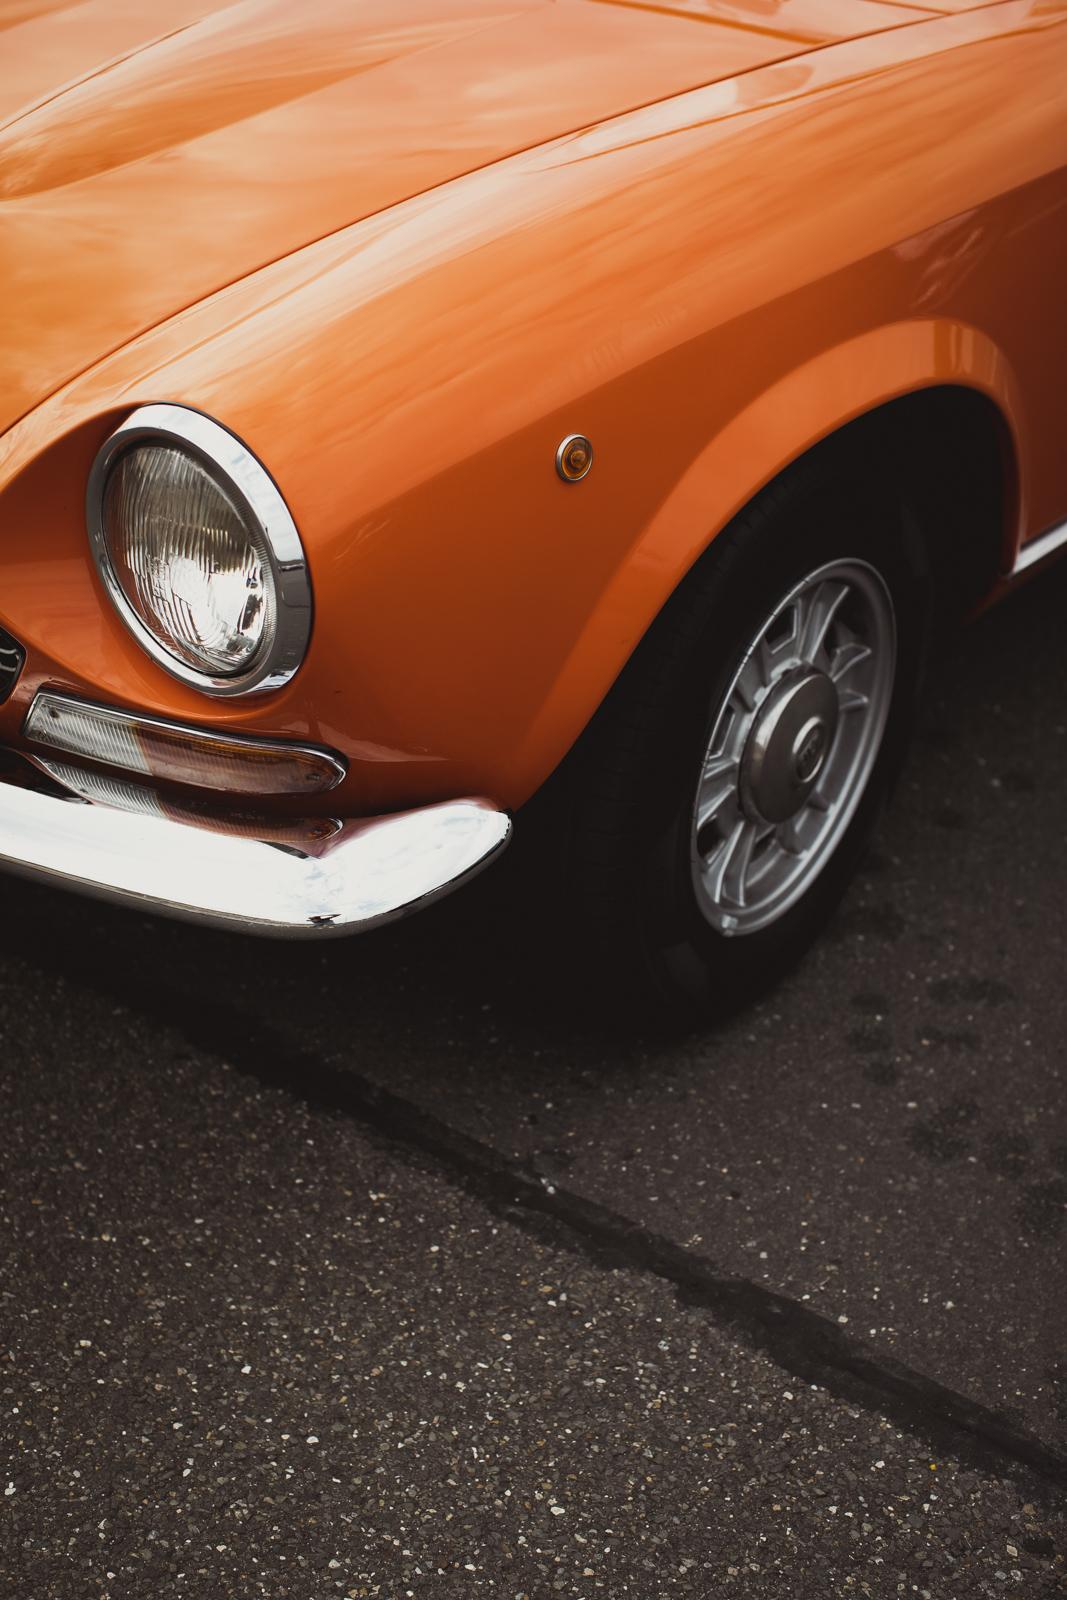 Orange convertible cabrion italian Fiat Spider 124 CS1 (1973)